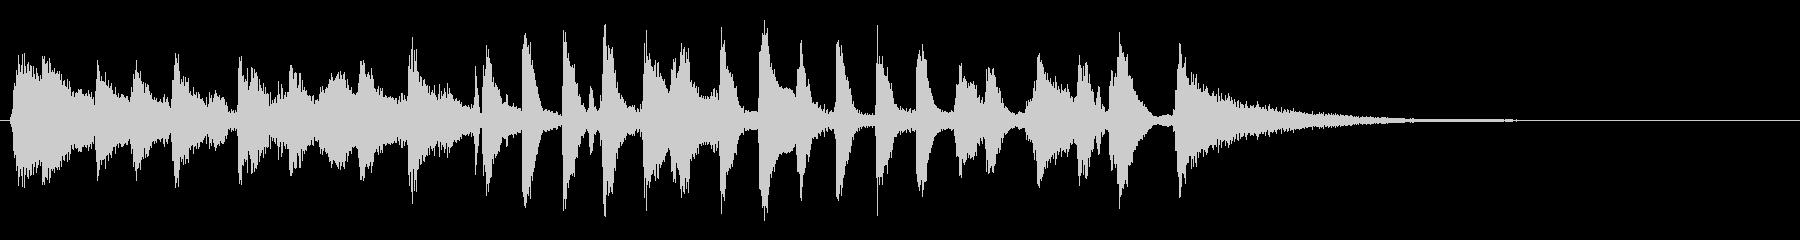 生演奏ジングル暗めラグタイムピアノジャズの未再生の波形